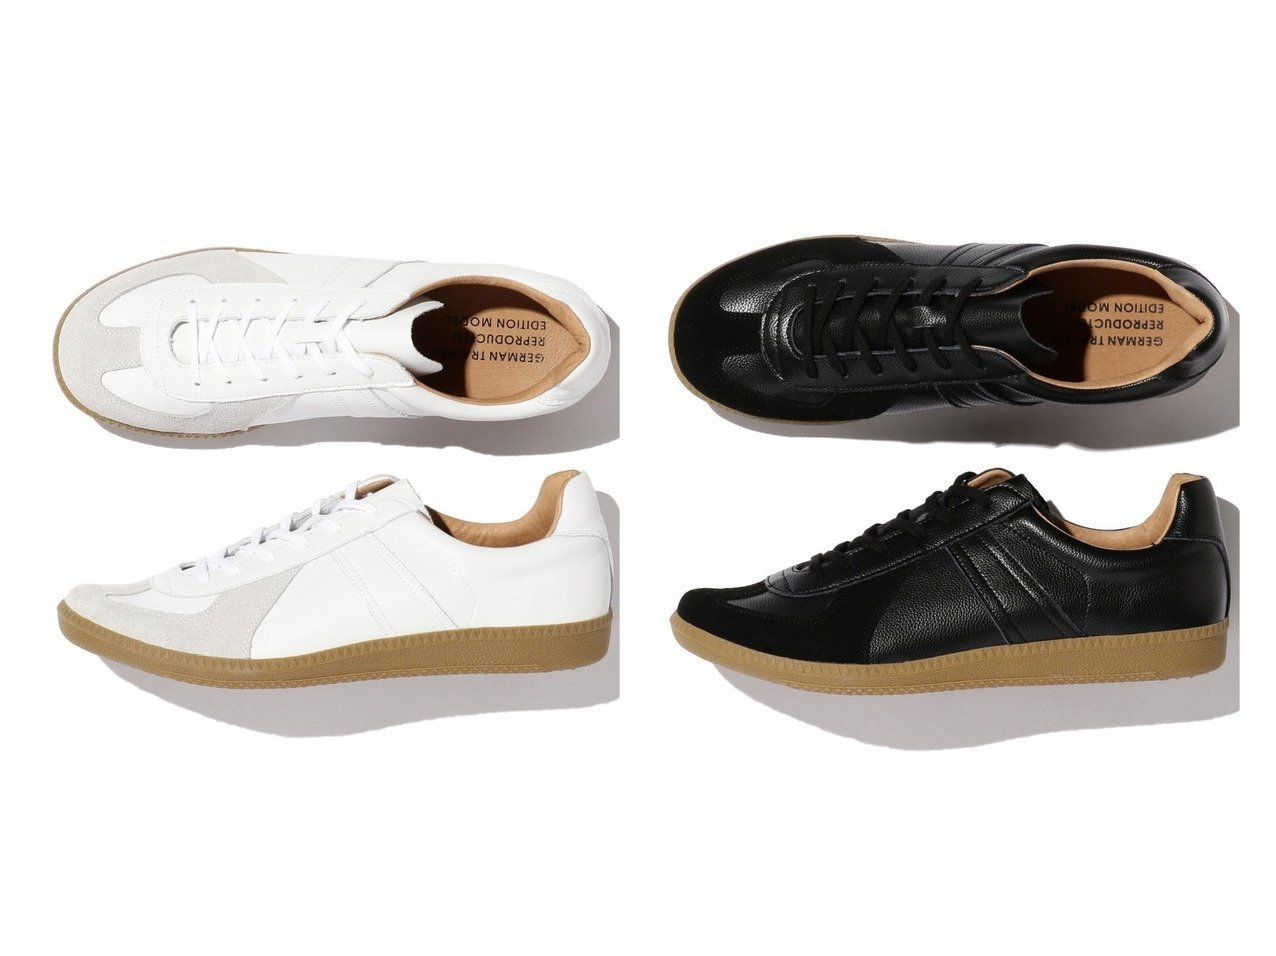 【B:MING LIFE STORE / MEN/ビーミングライフストア】のREPRO 【MEN】男性のおすすめ!人気、メンズファッションの通販 おすすめで人気のファッション通販商品 インテリア・家具・キッズファッション・メンズファッション・レディースファッション・服の通販 founy(ファニー) https://founy.com/ ファッション Fashion メンズ MEN シューズ・靴 Shoes Men スニーカー Sneakers クッション シューズ スニーカー スリッポン ミリタリー モダン  ID:crp329100000003918